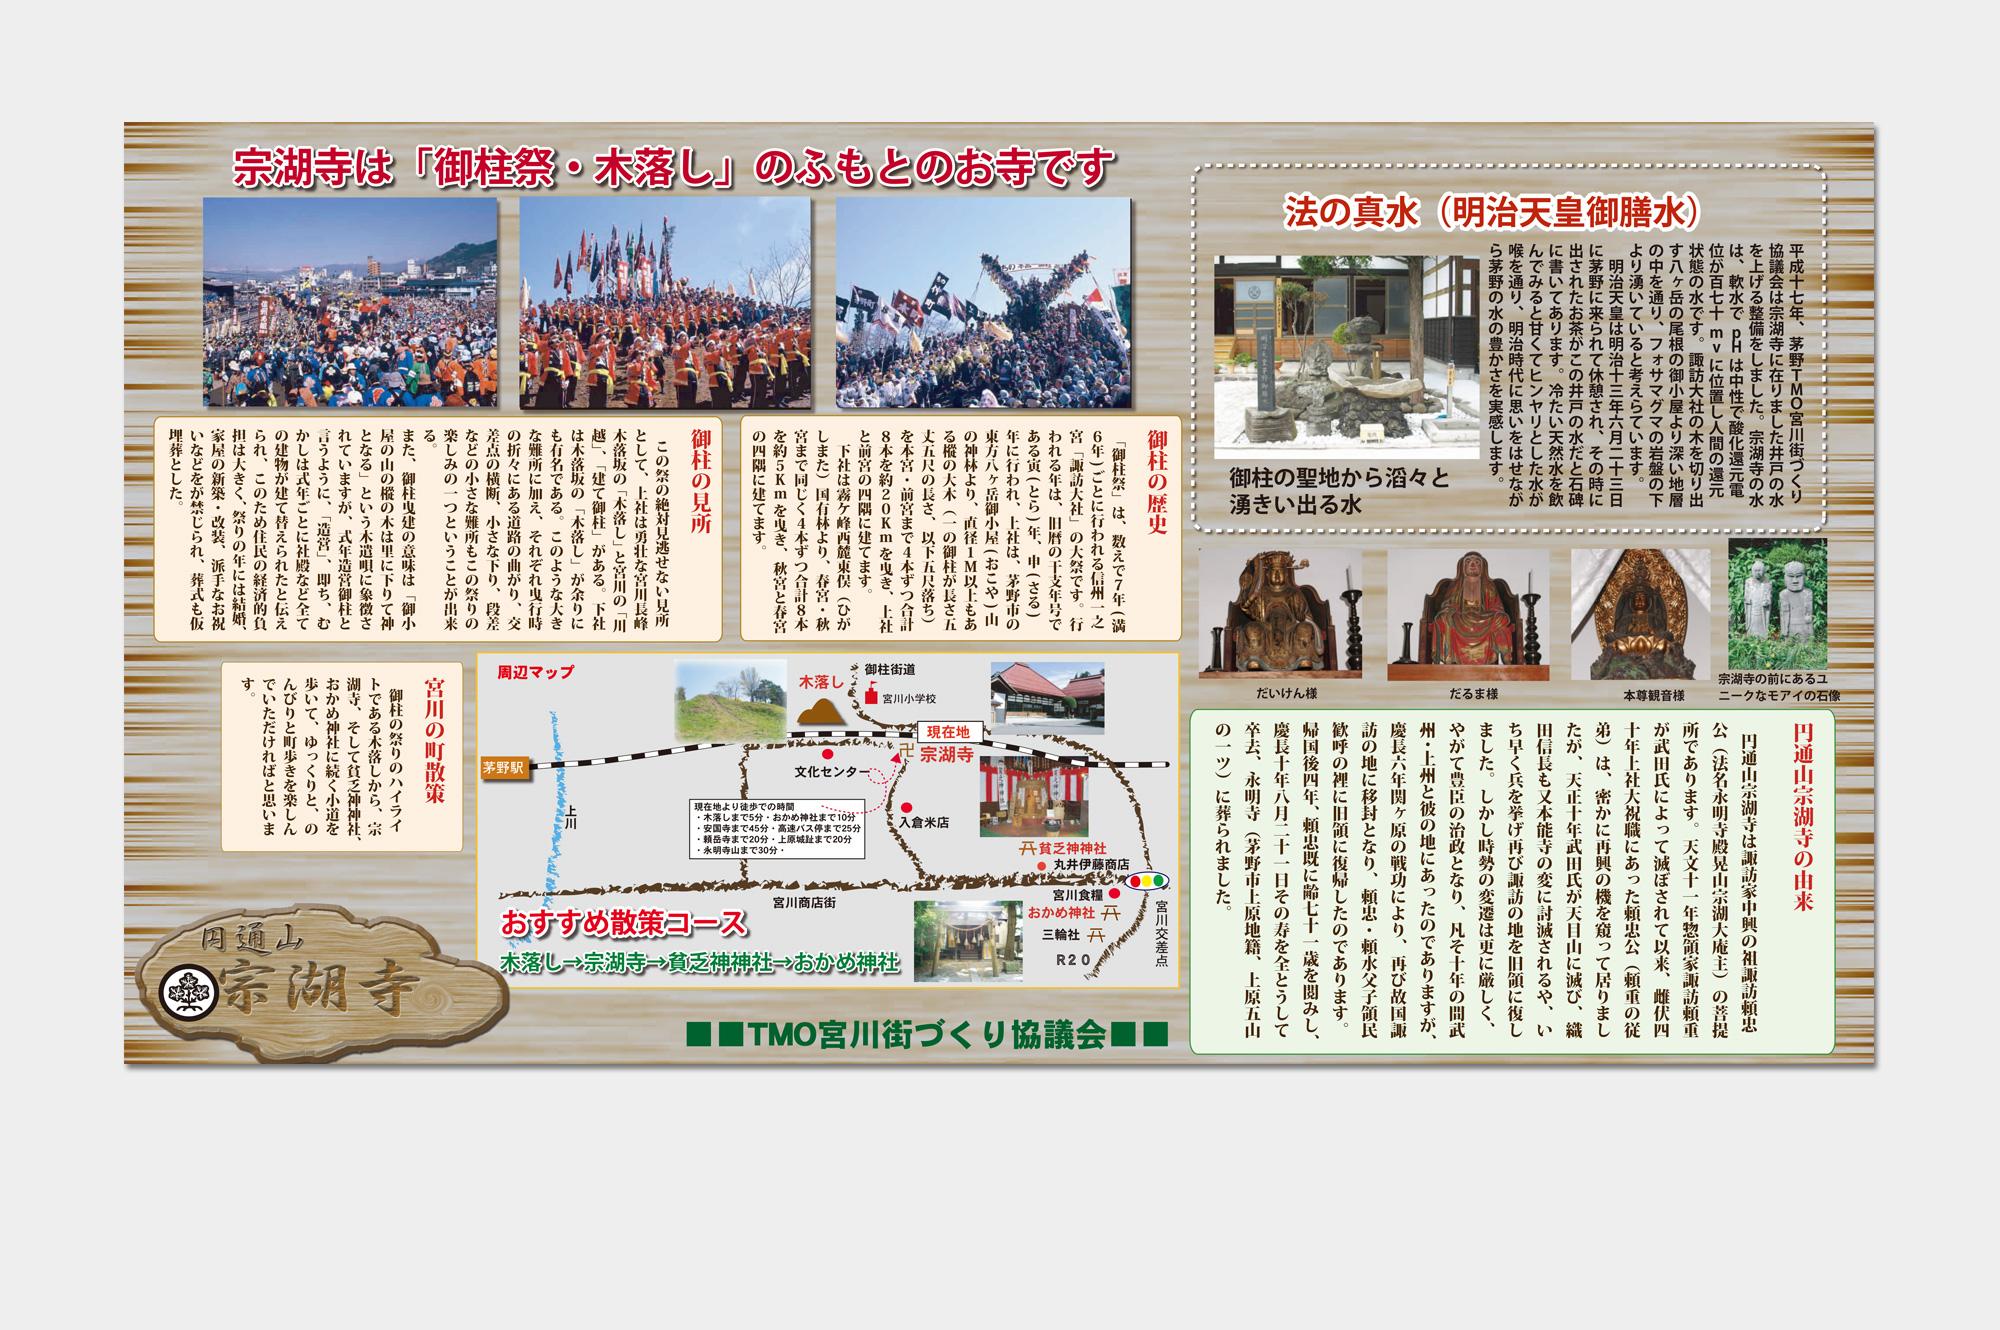 パネル(宗湖寺様)